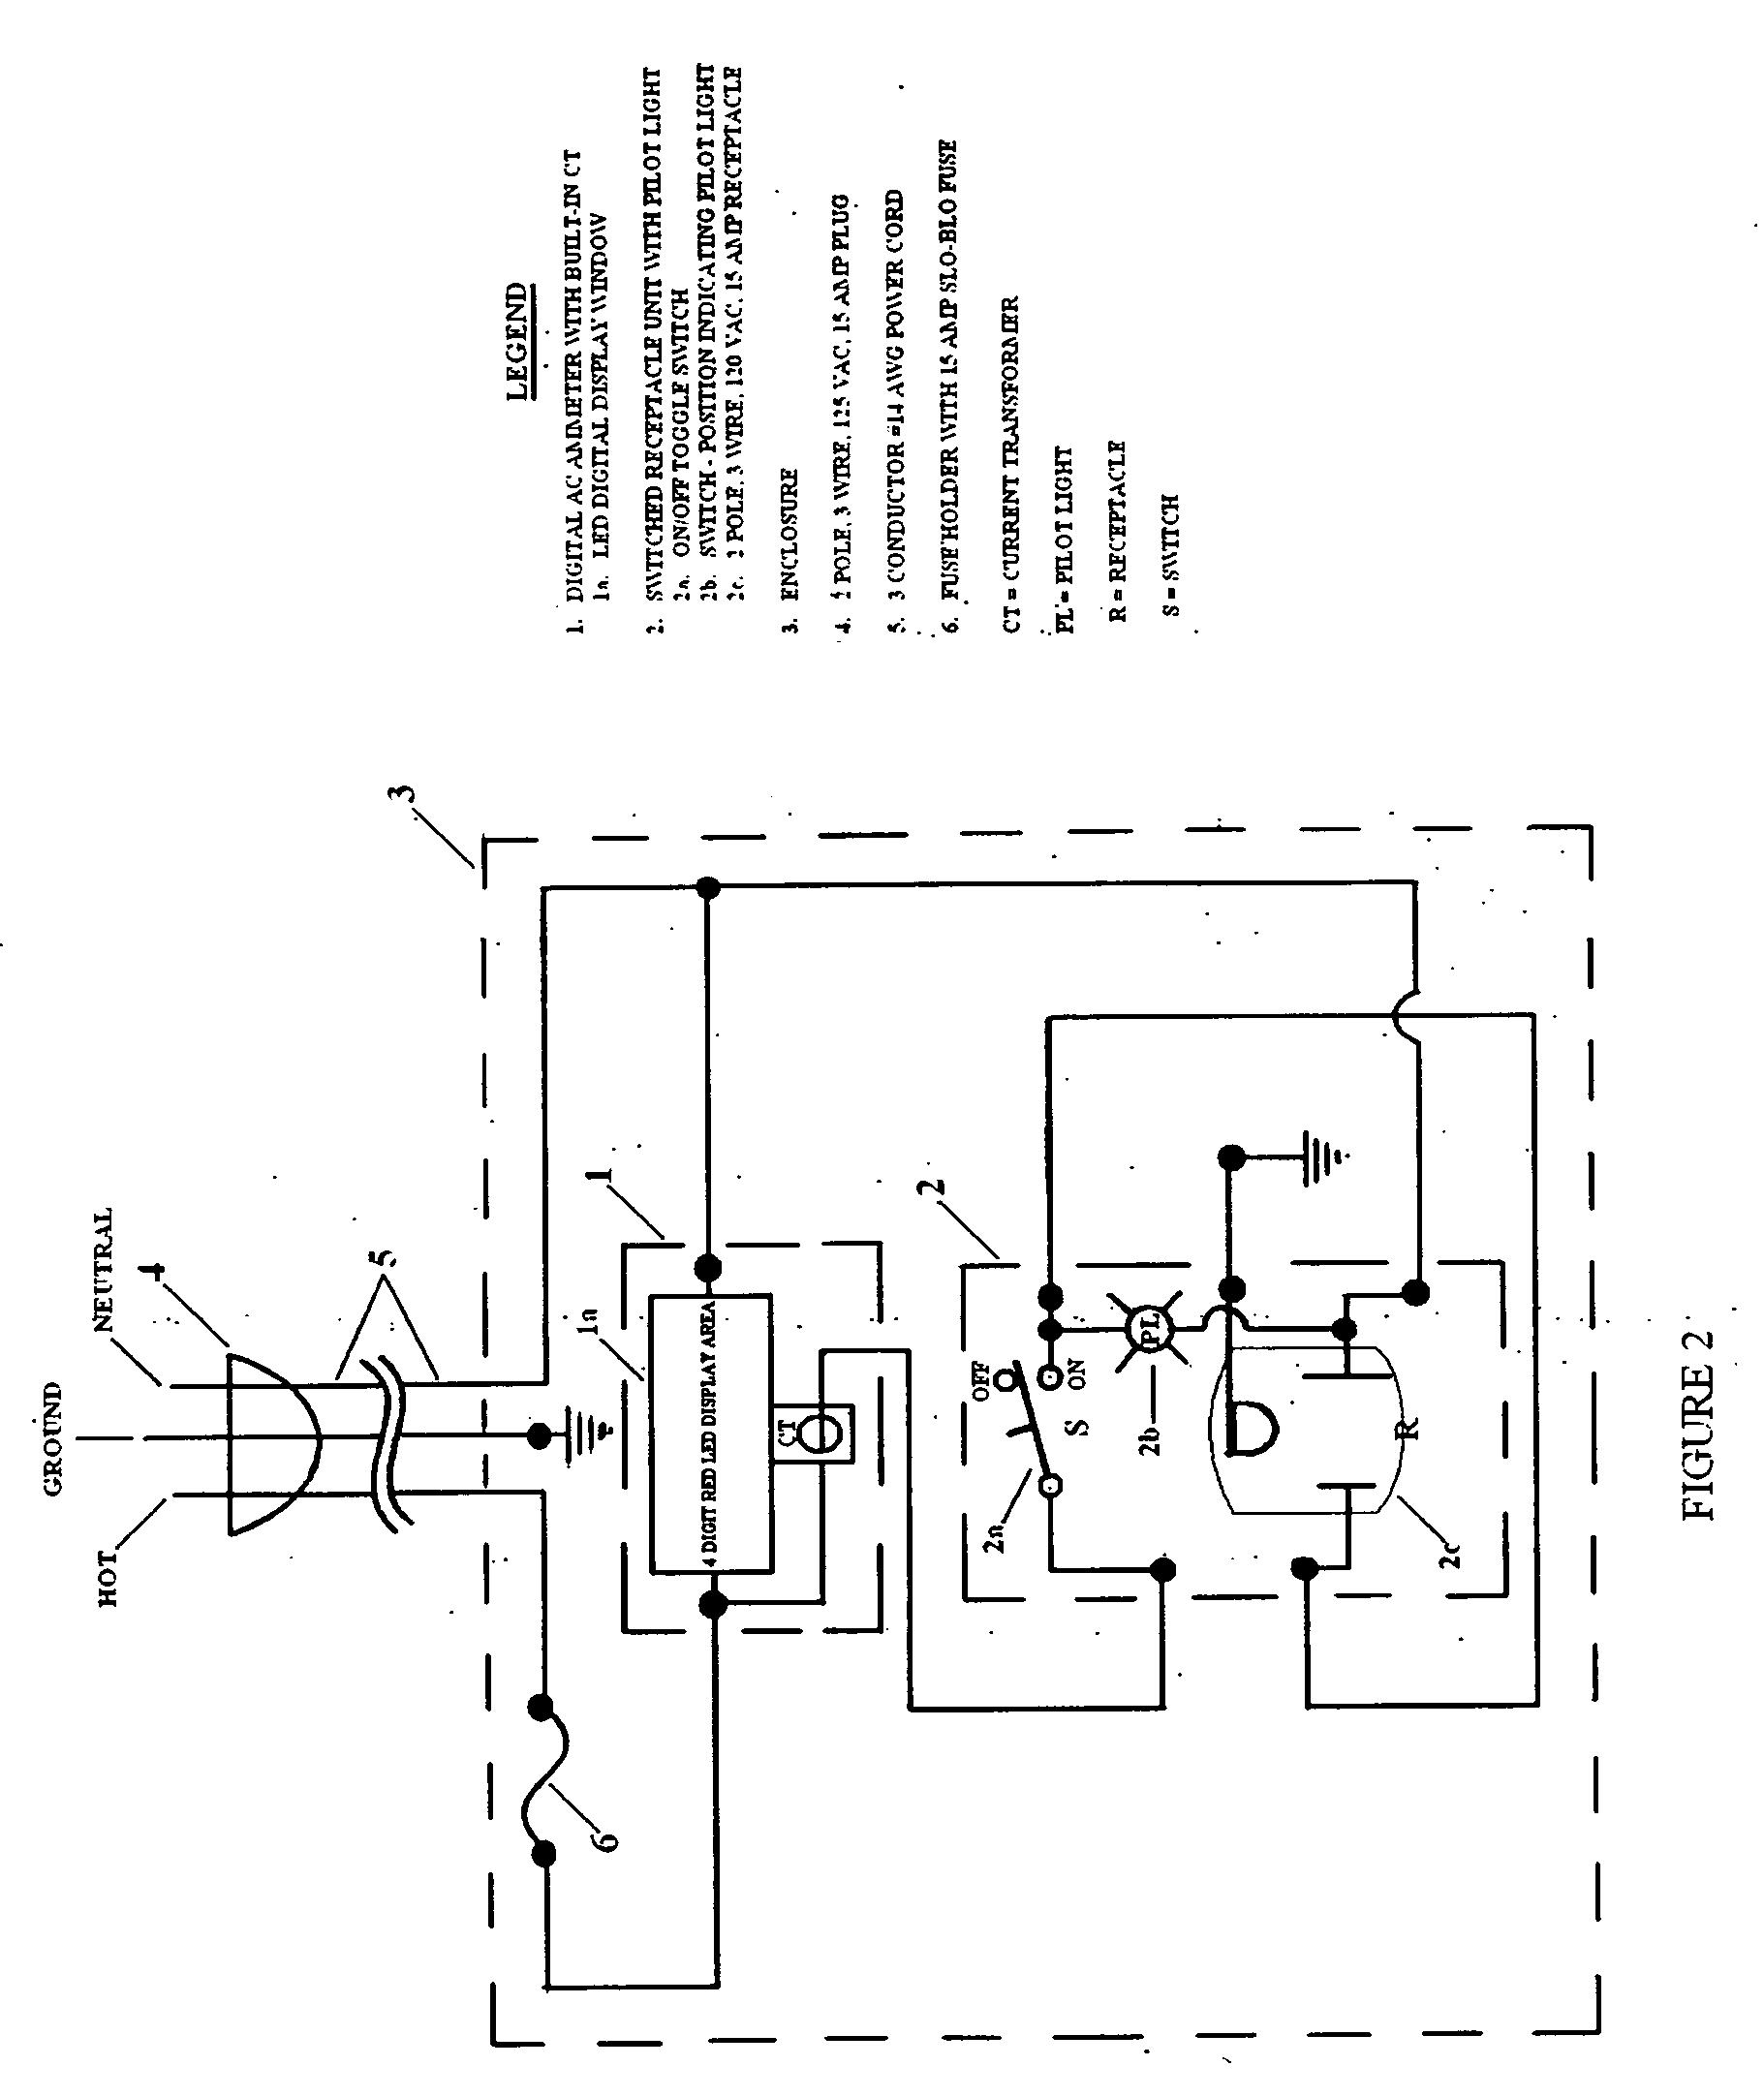 patent us20070037441